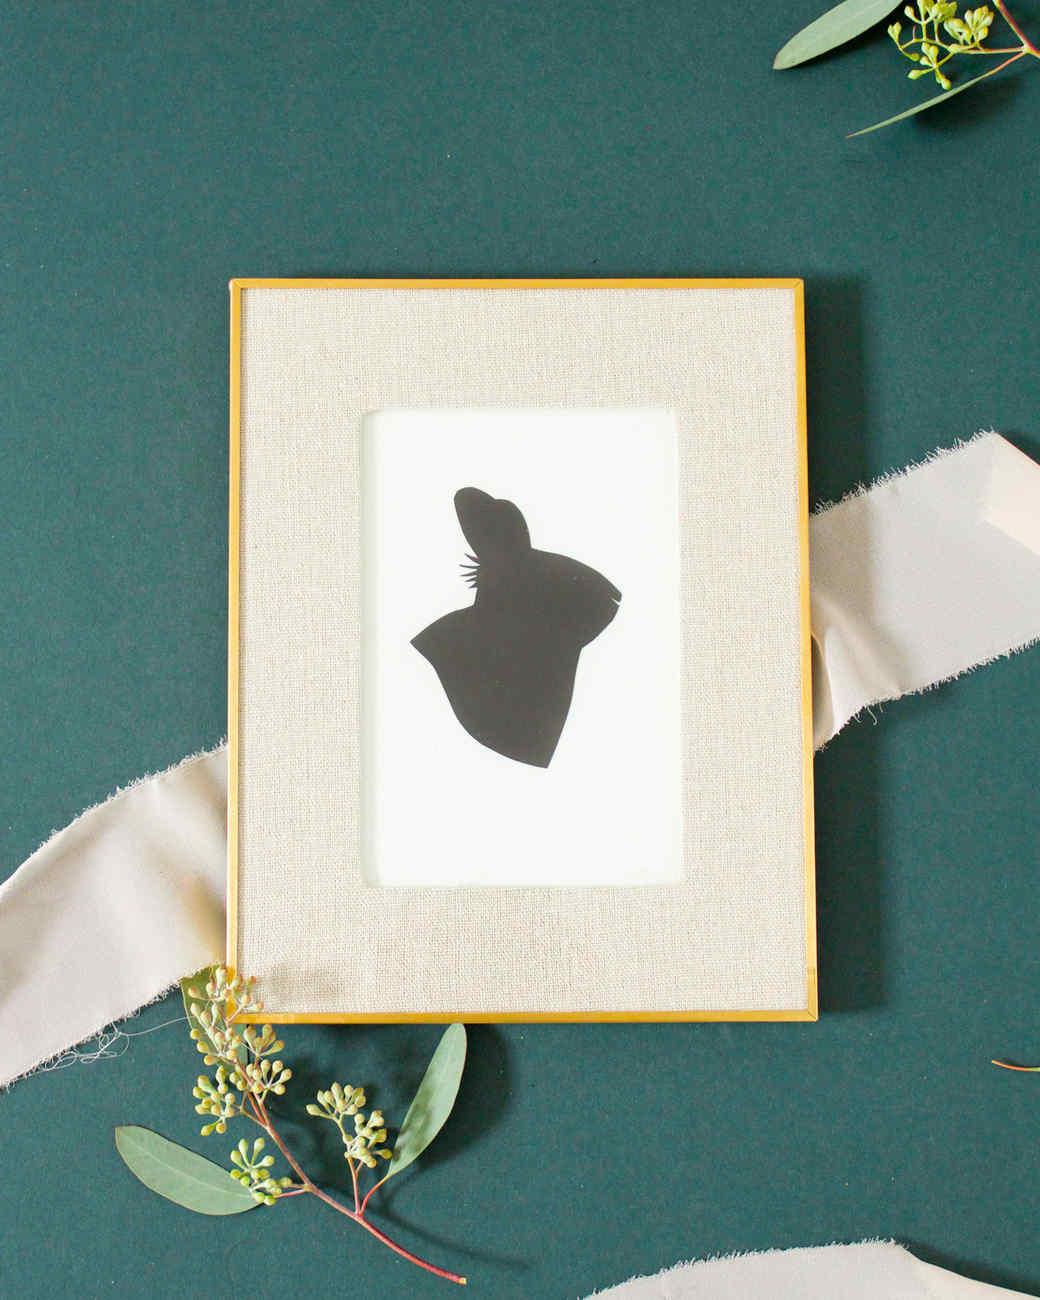 framed silhouette art profile of rabbit